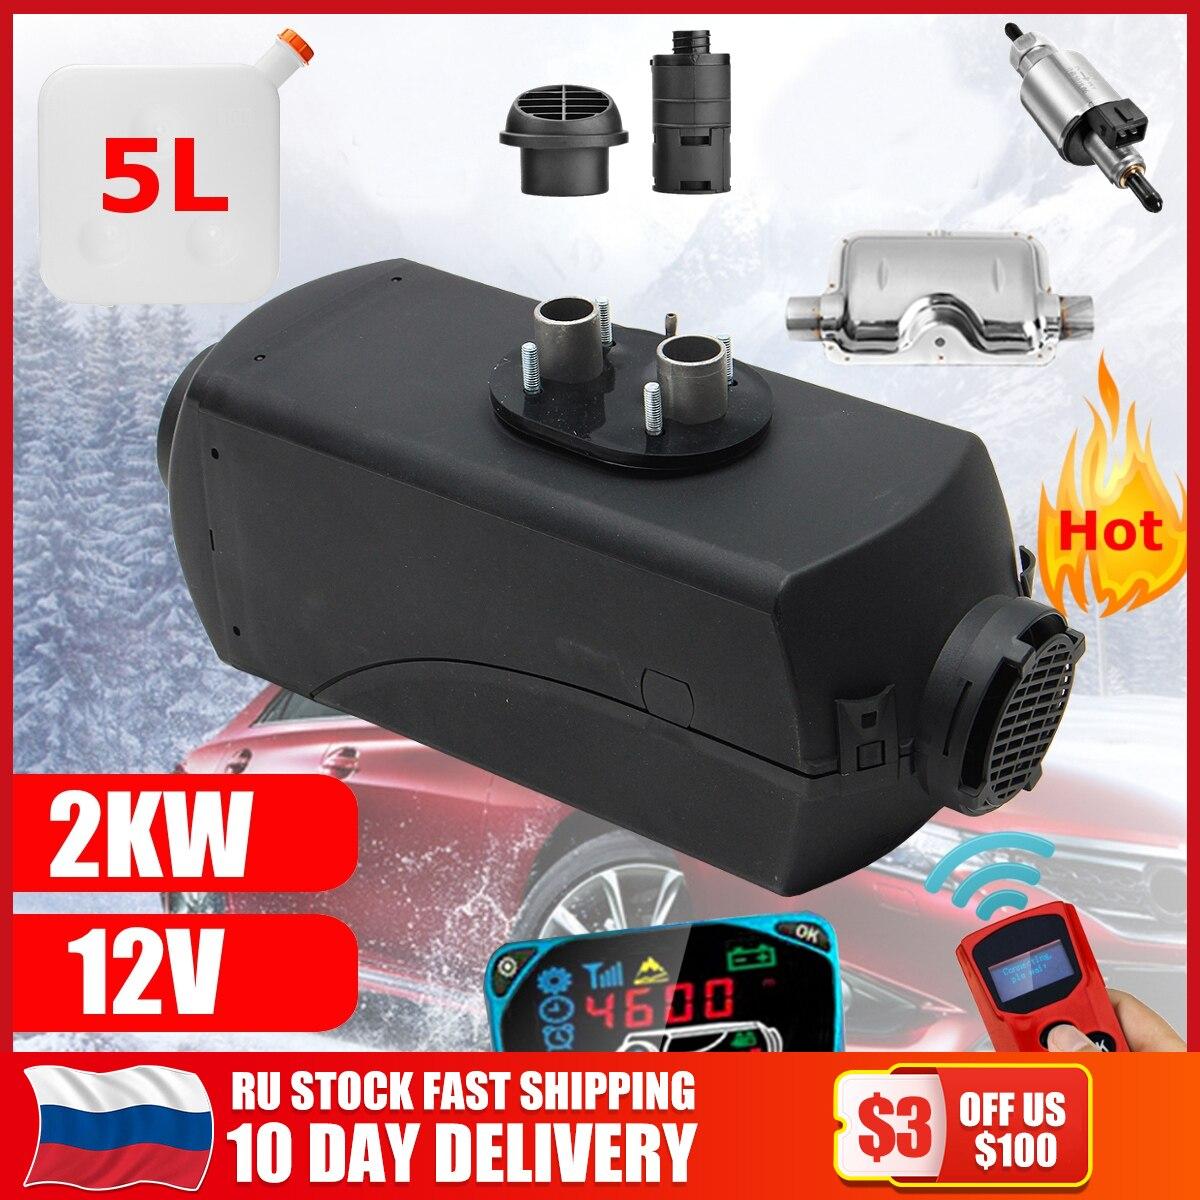 12V 2KW samochód diesel powietrzna nagrzewnica postojowa podgrzewacz samochodowy pilot z wyświetlaczem LCD przełącznik monitora + tłumik do ciężarówek autobus przyczepa grzejnik